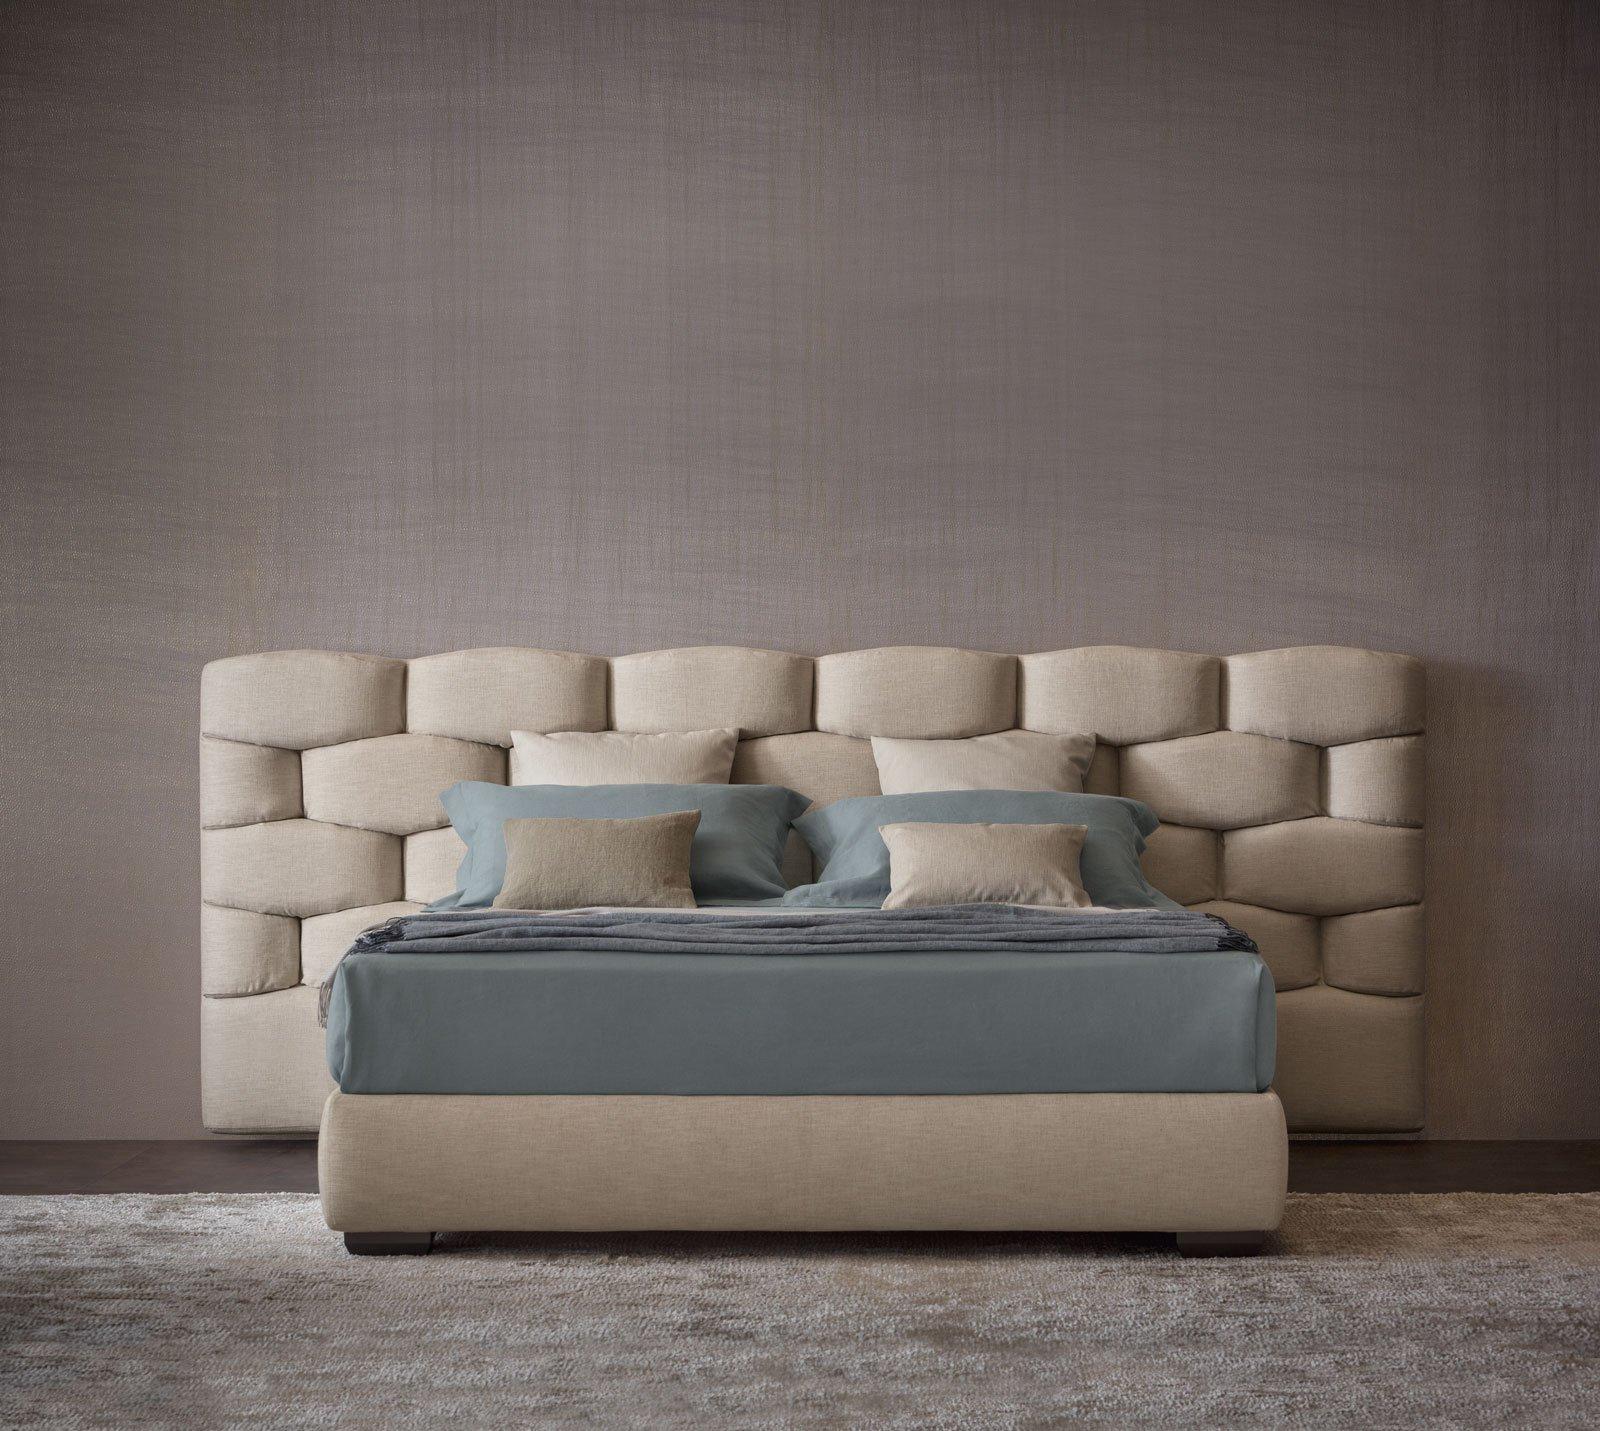 Letti tessili a parete e anche a centro stanza cose di casa - Ikea tessili letto ...